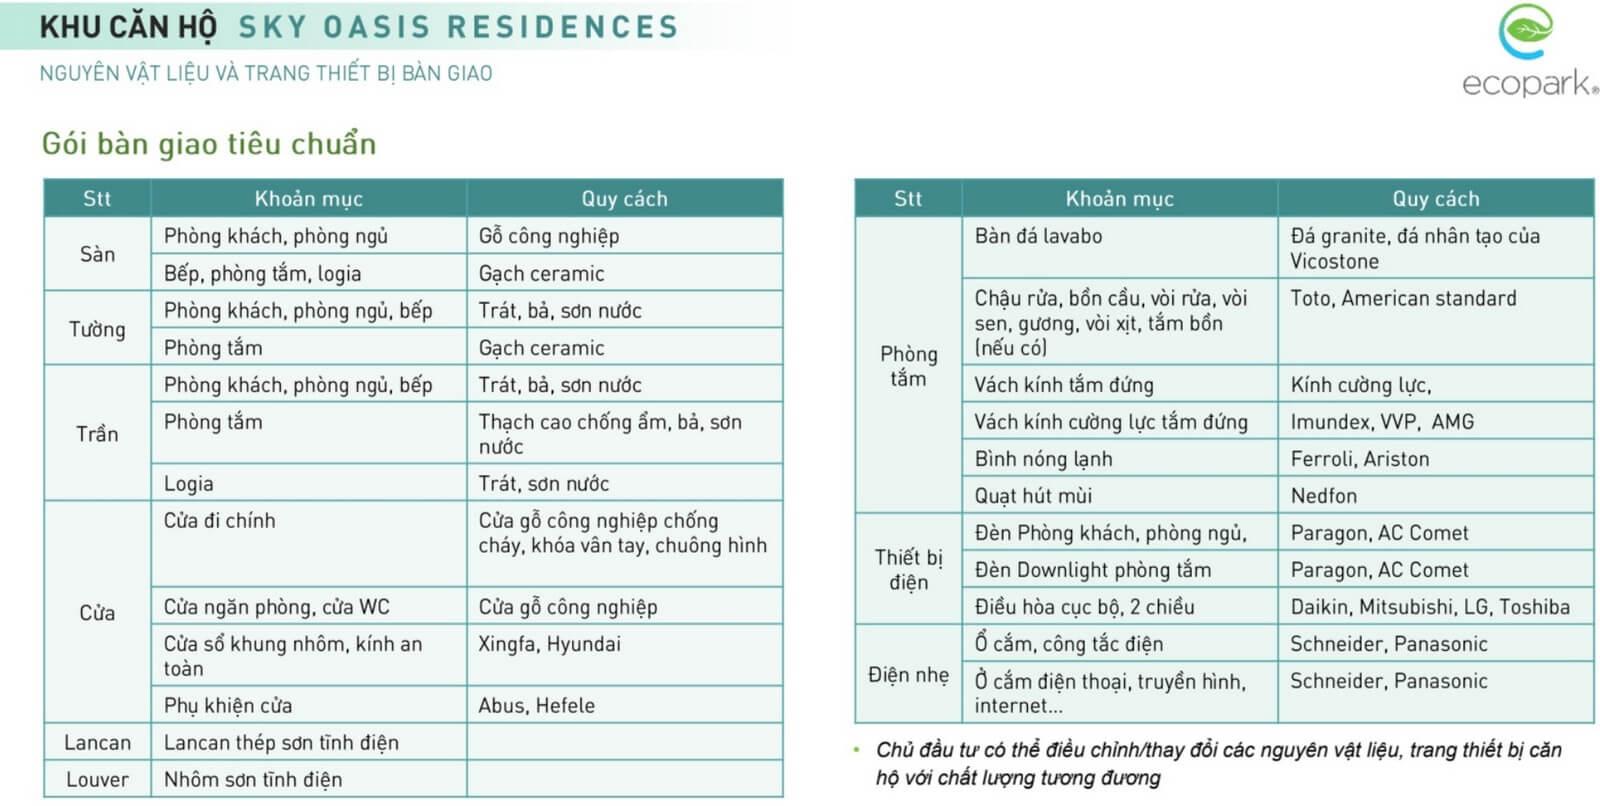 chung cư skyoasis bàn giao nội thất thế nào